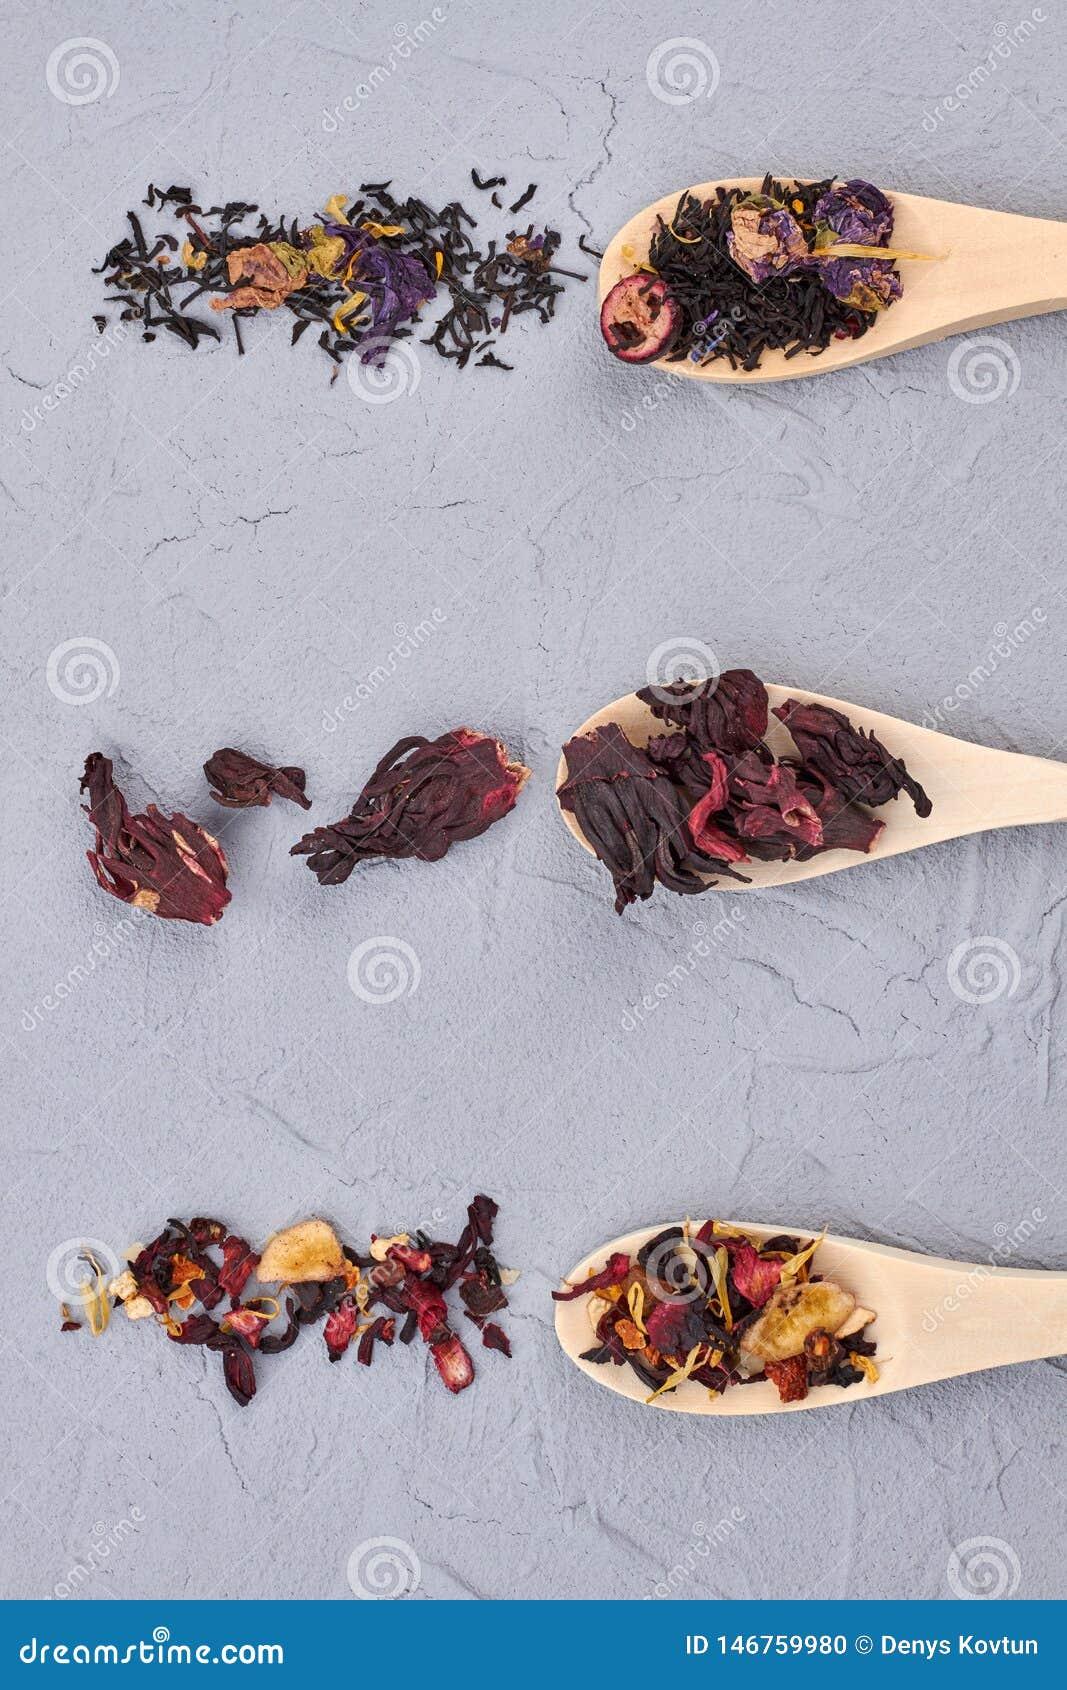 Διάφοροι τύποι φύλλων τσαγιού στα ξύλινα κουτάλια